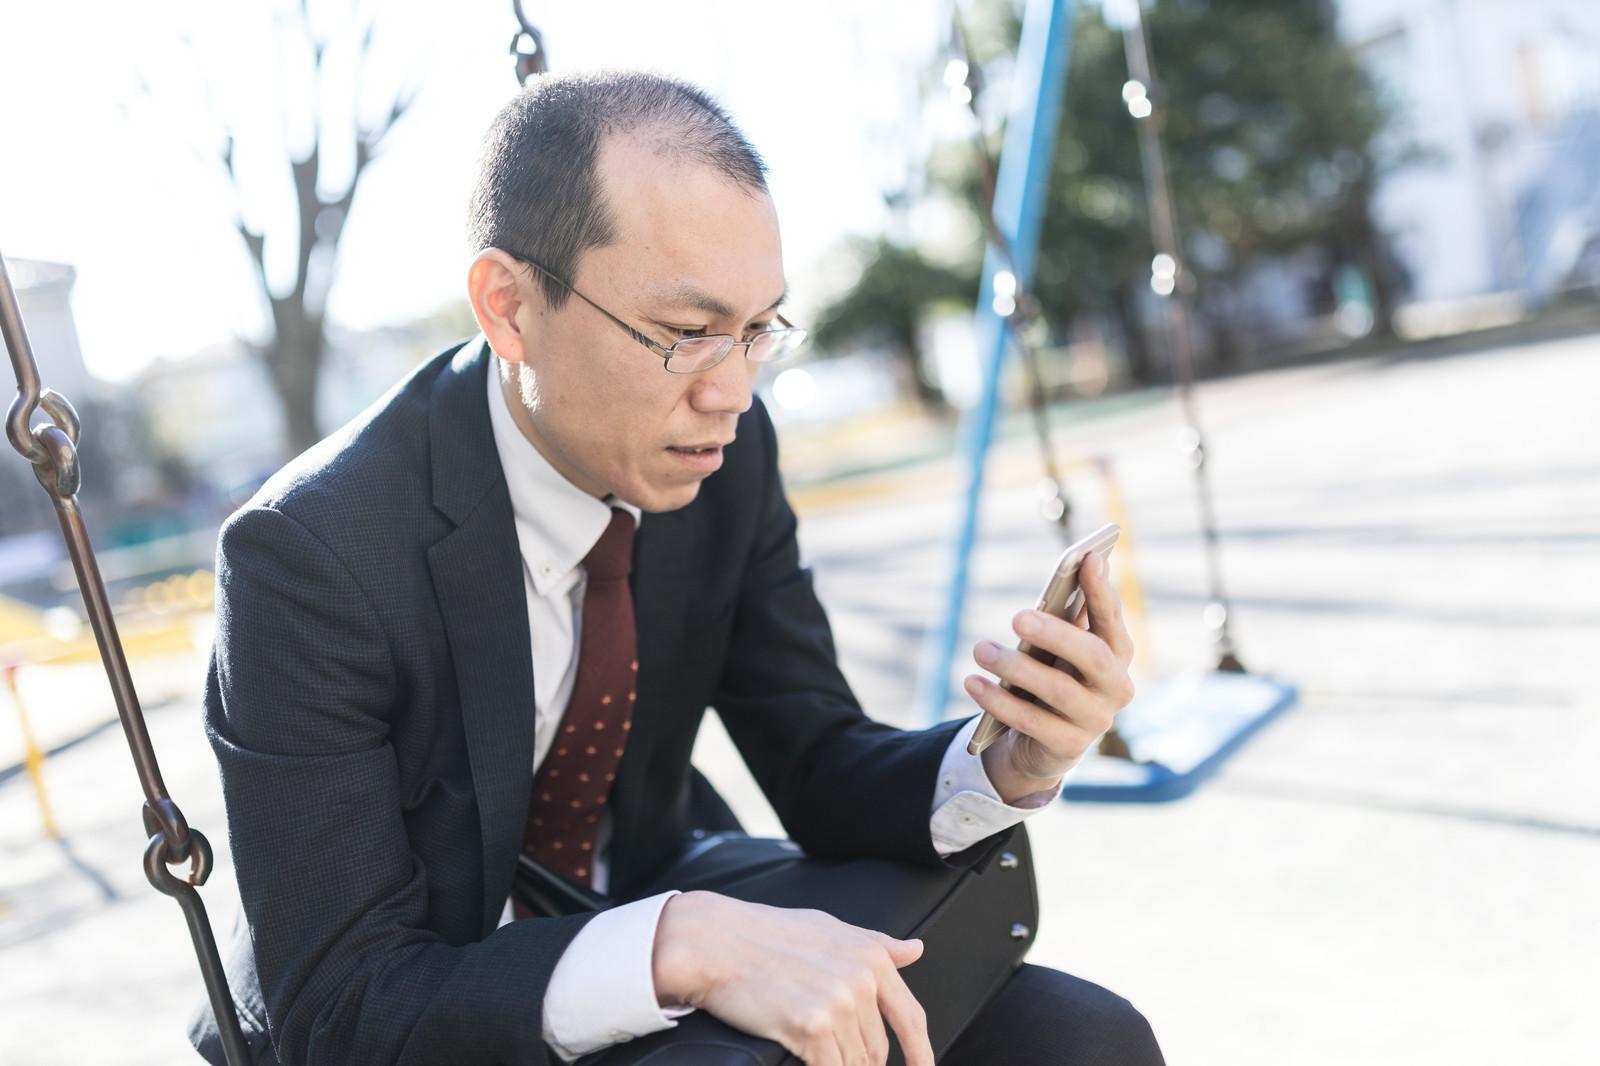 スマホをつかって公園で英語レッスンを受講している写真